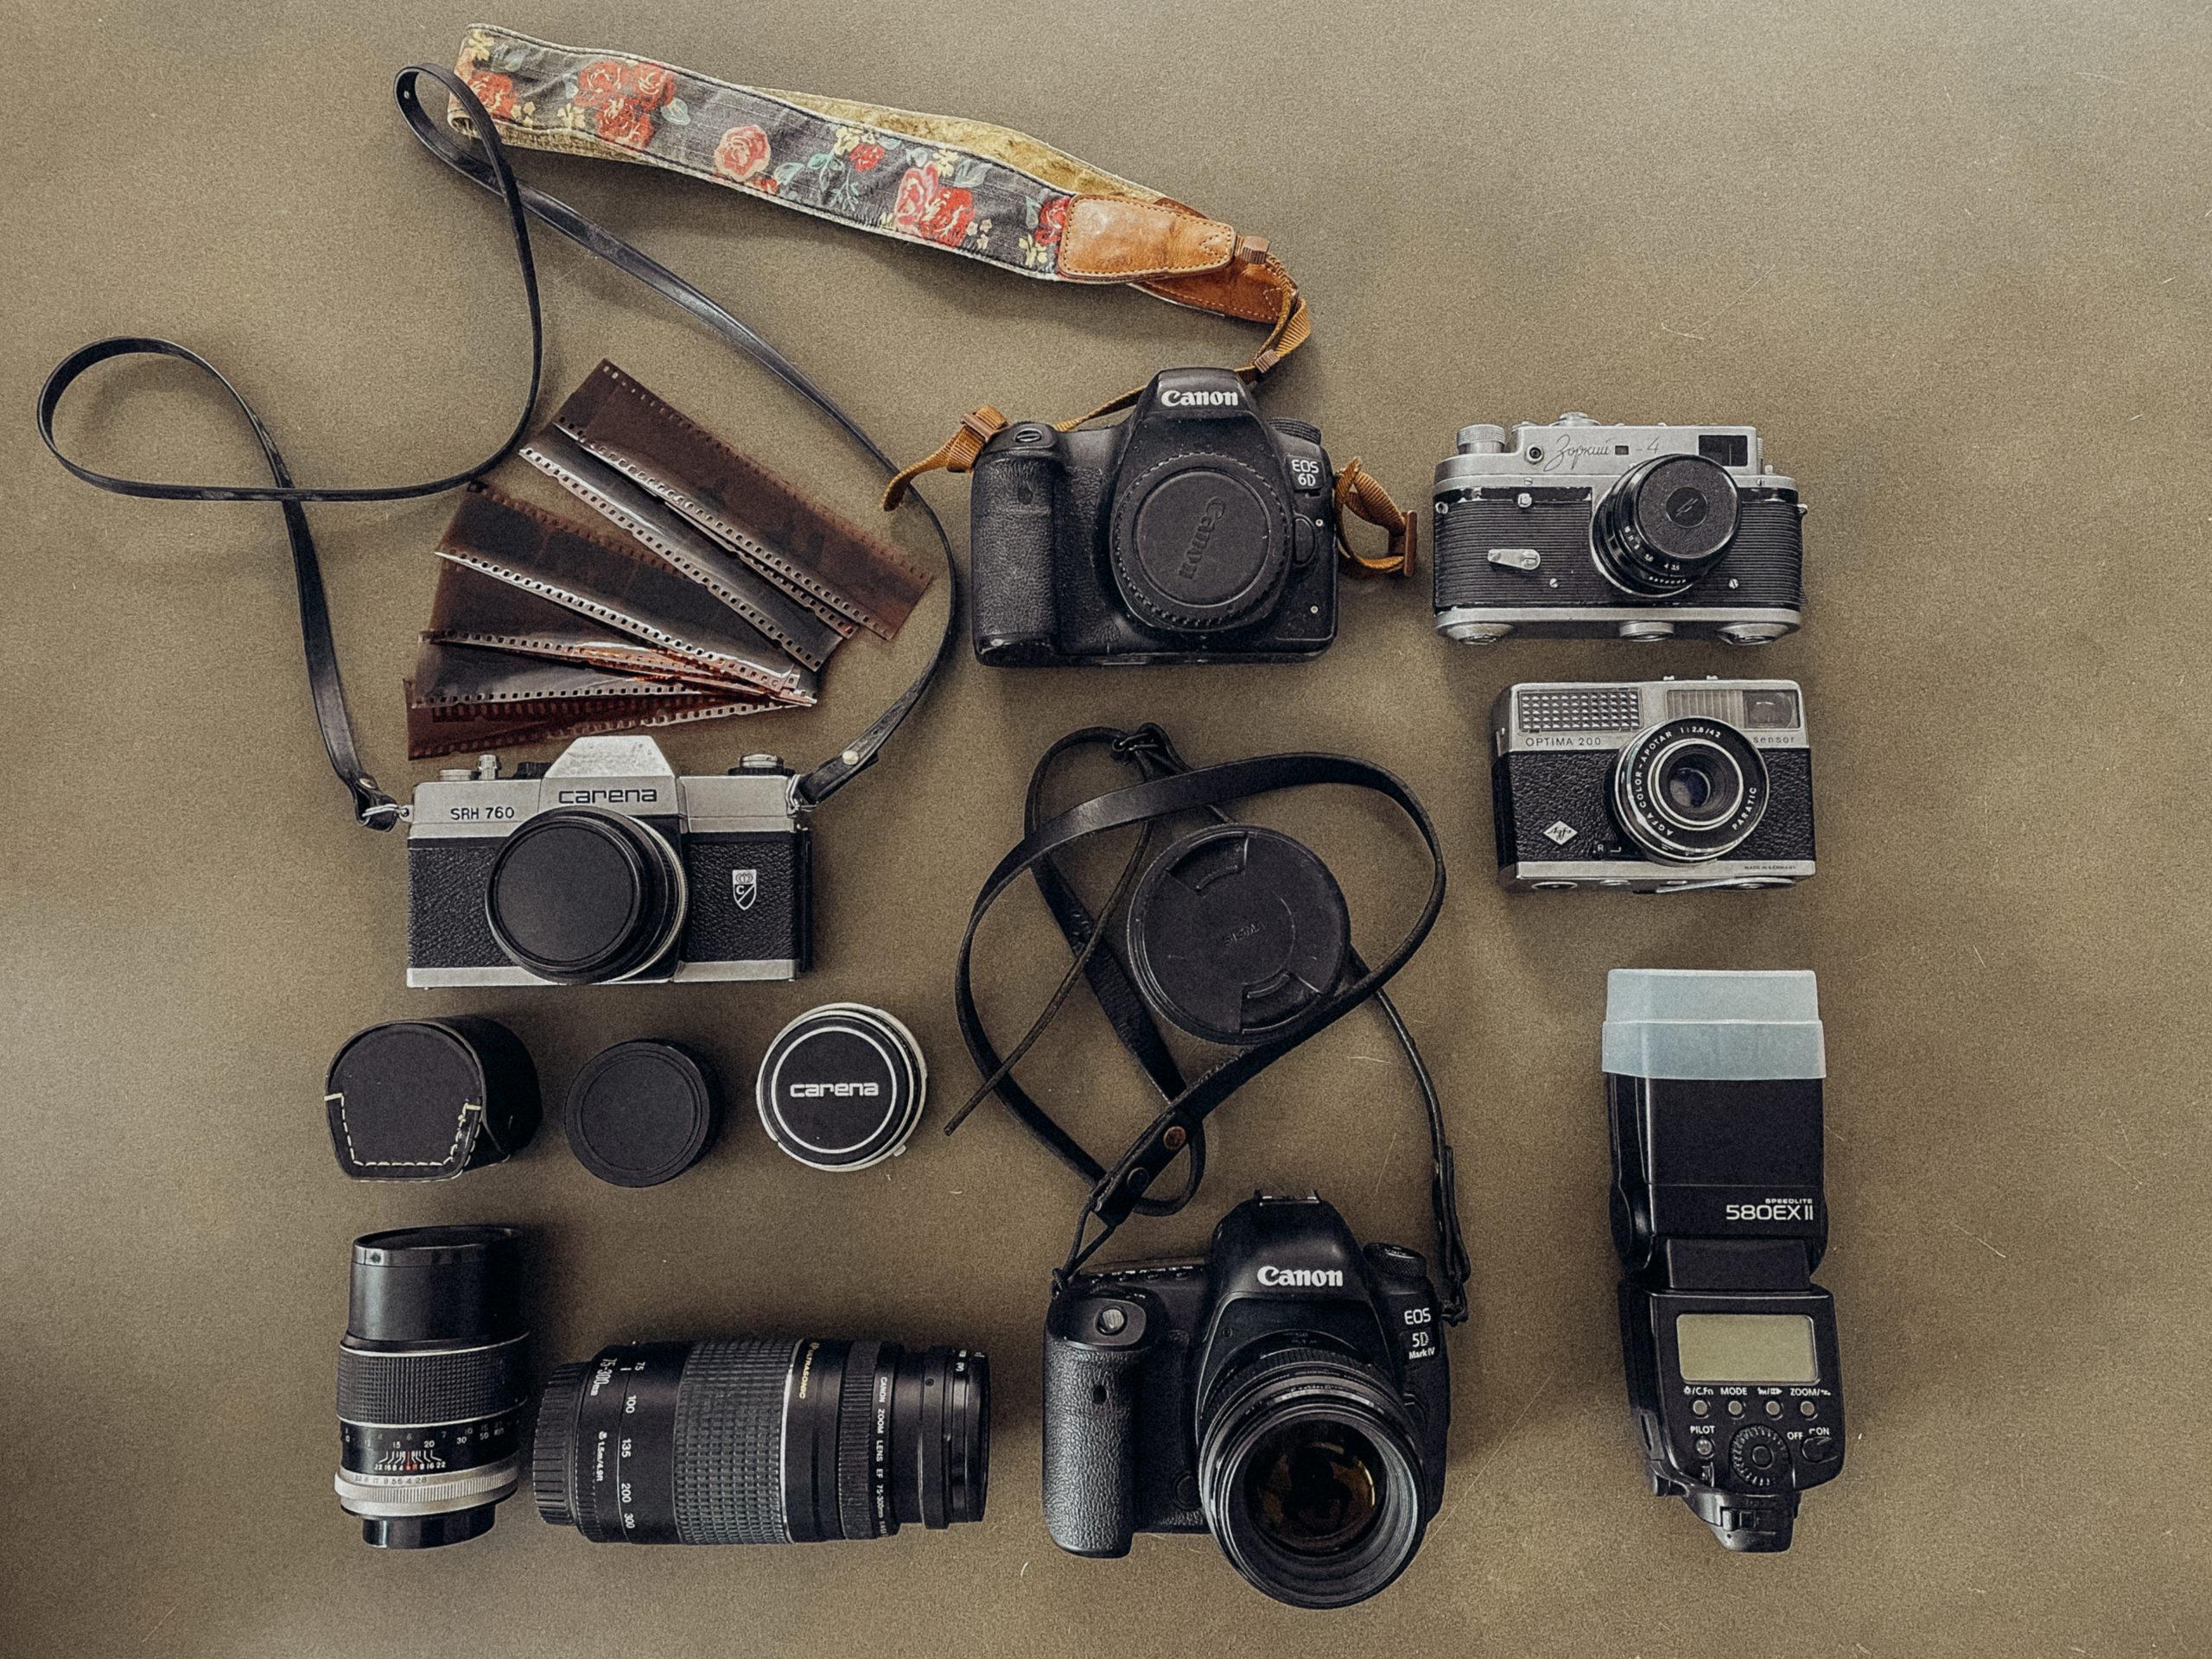 Flatlay von einem Foto-Equiptment bestehend aus Kameras, Objektiven und einem Kamerablitz